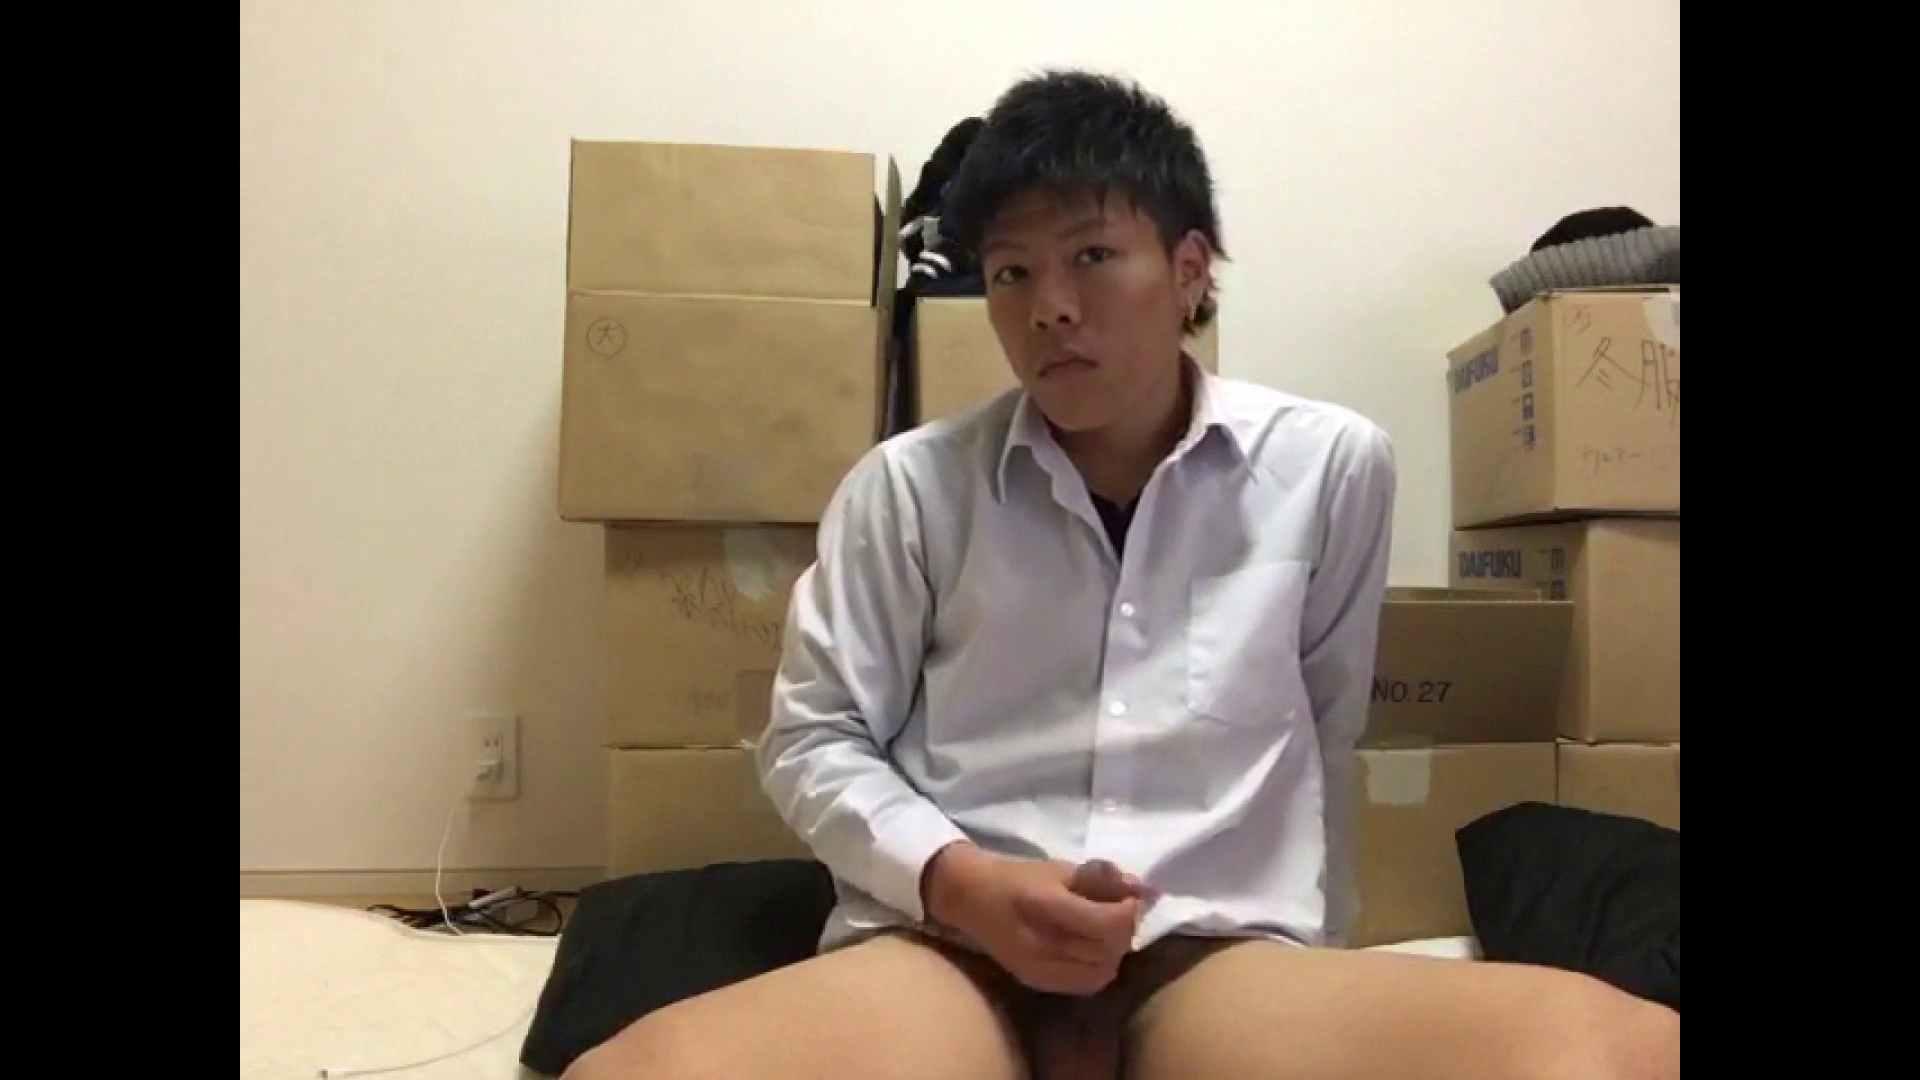 個人撮影 自慰の極意 Vol.1 オナニー専門男子 尻マンコ画像 75画像 2